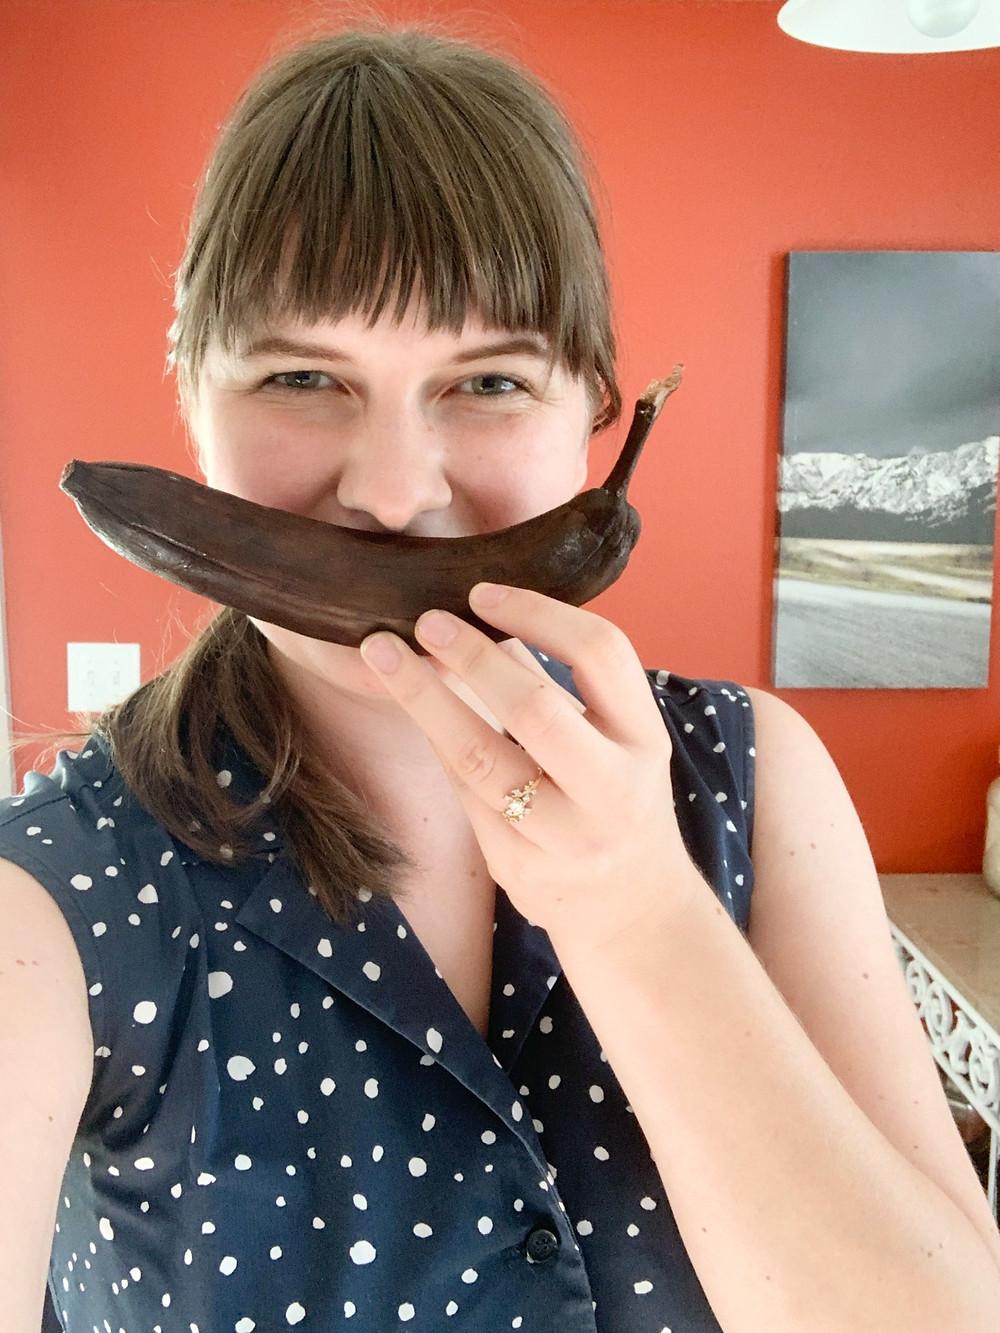 Jenica holding a brown banana ready for banana bread